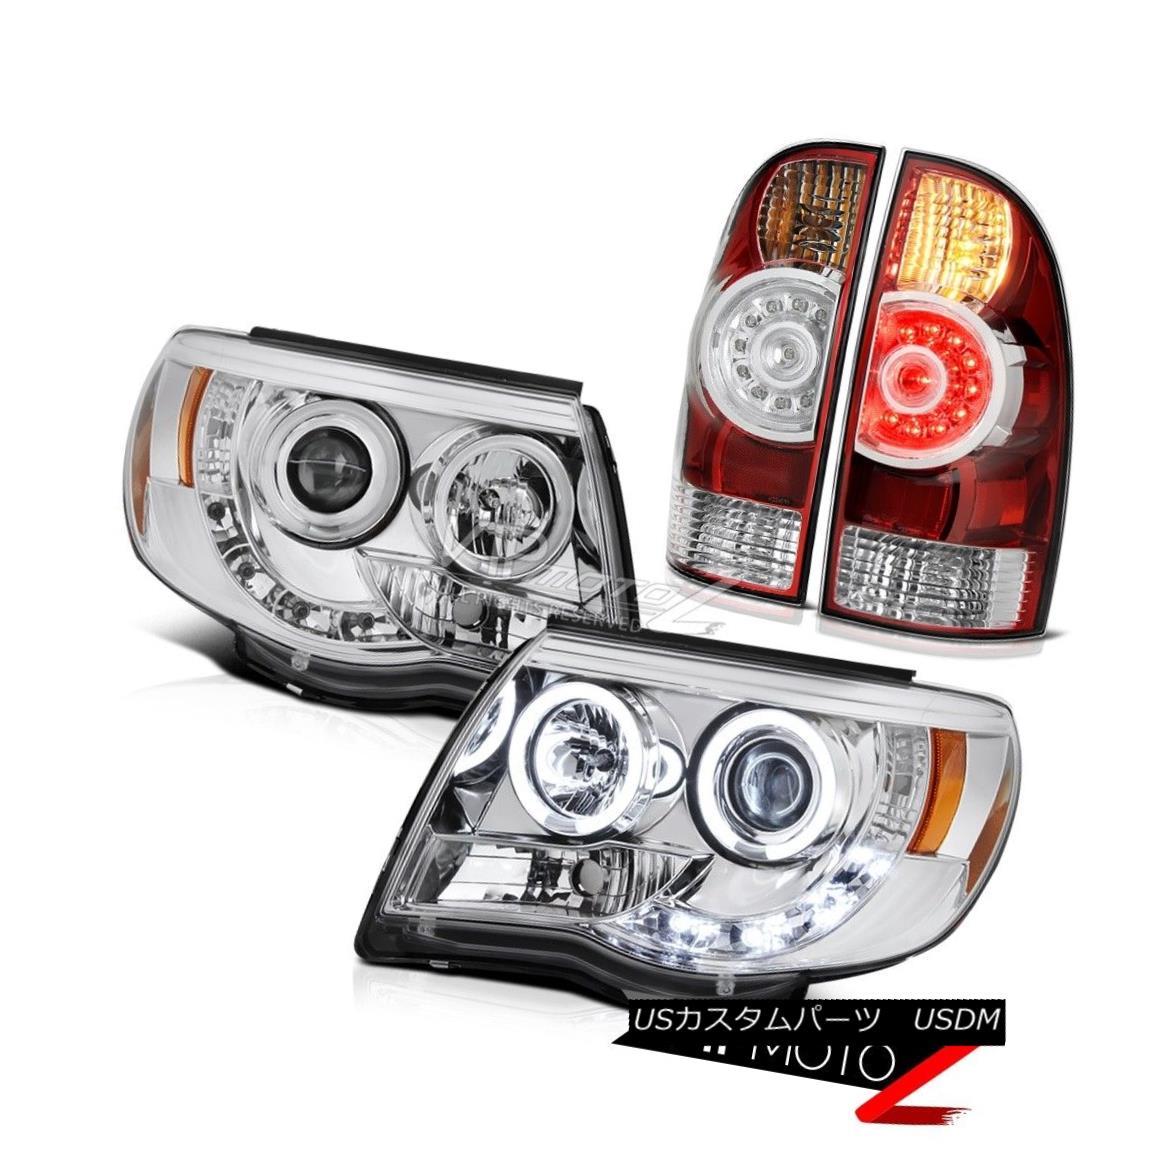 テールライト 2005-2011 Tacoma X-Runner Projector headlights taillights 2x CCFL Halo OE Style 2005-2011タコマXランナープロジェクターヘッドライトテールライト2x CCFL Halo OEスタイル